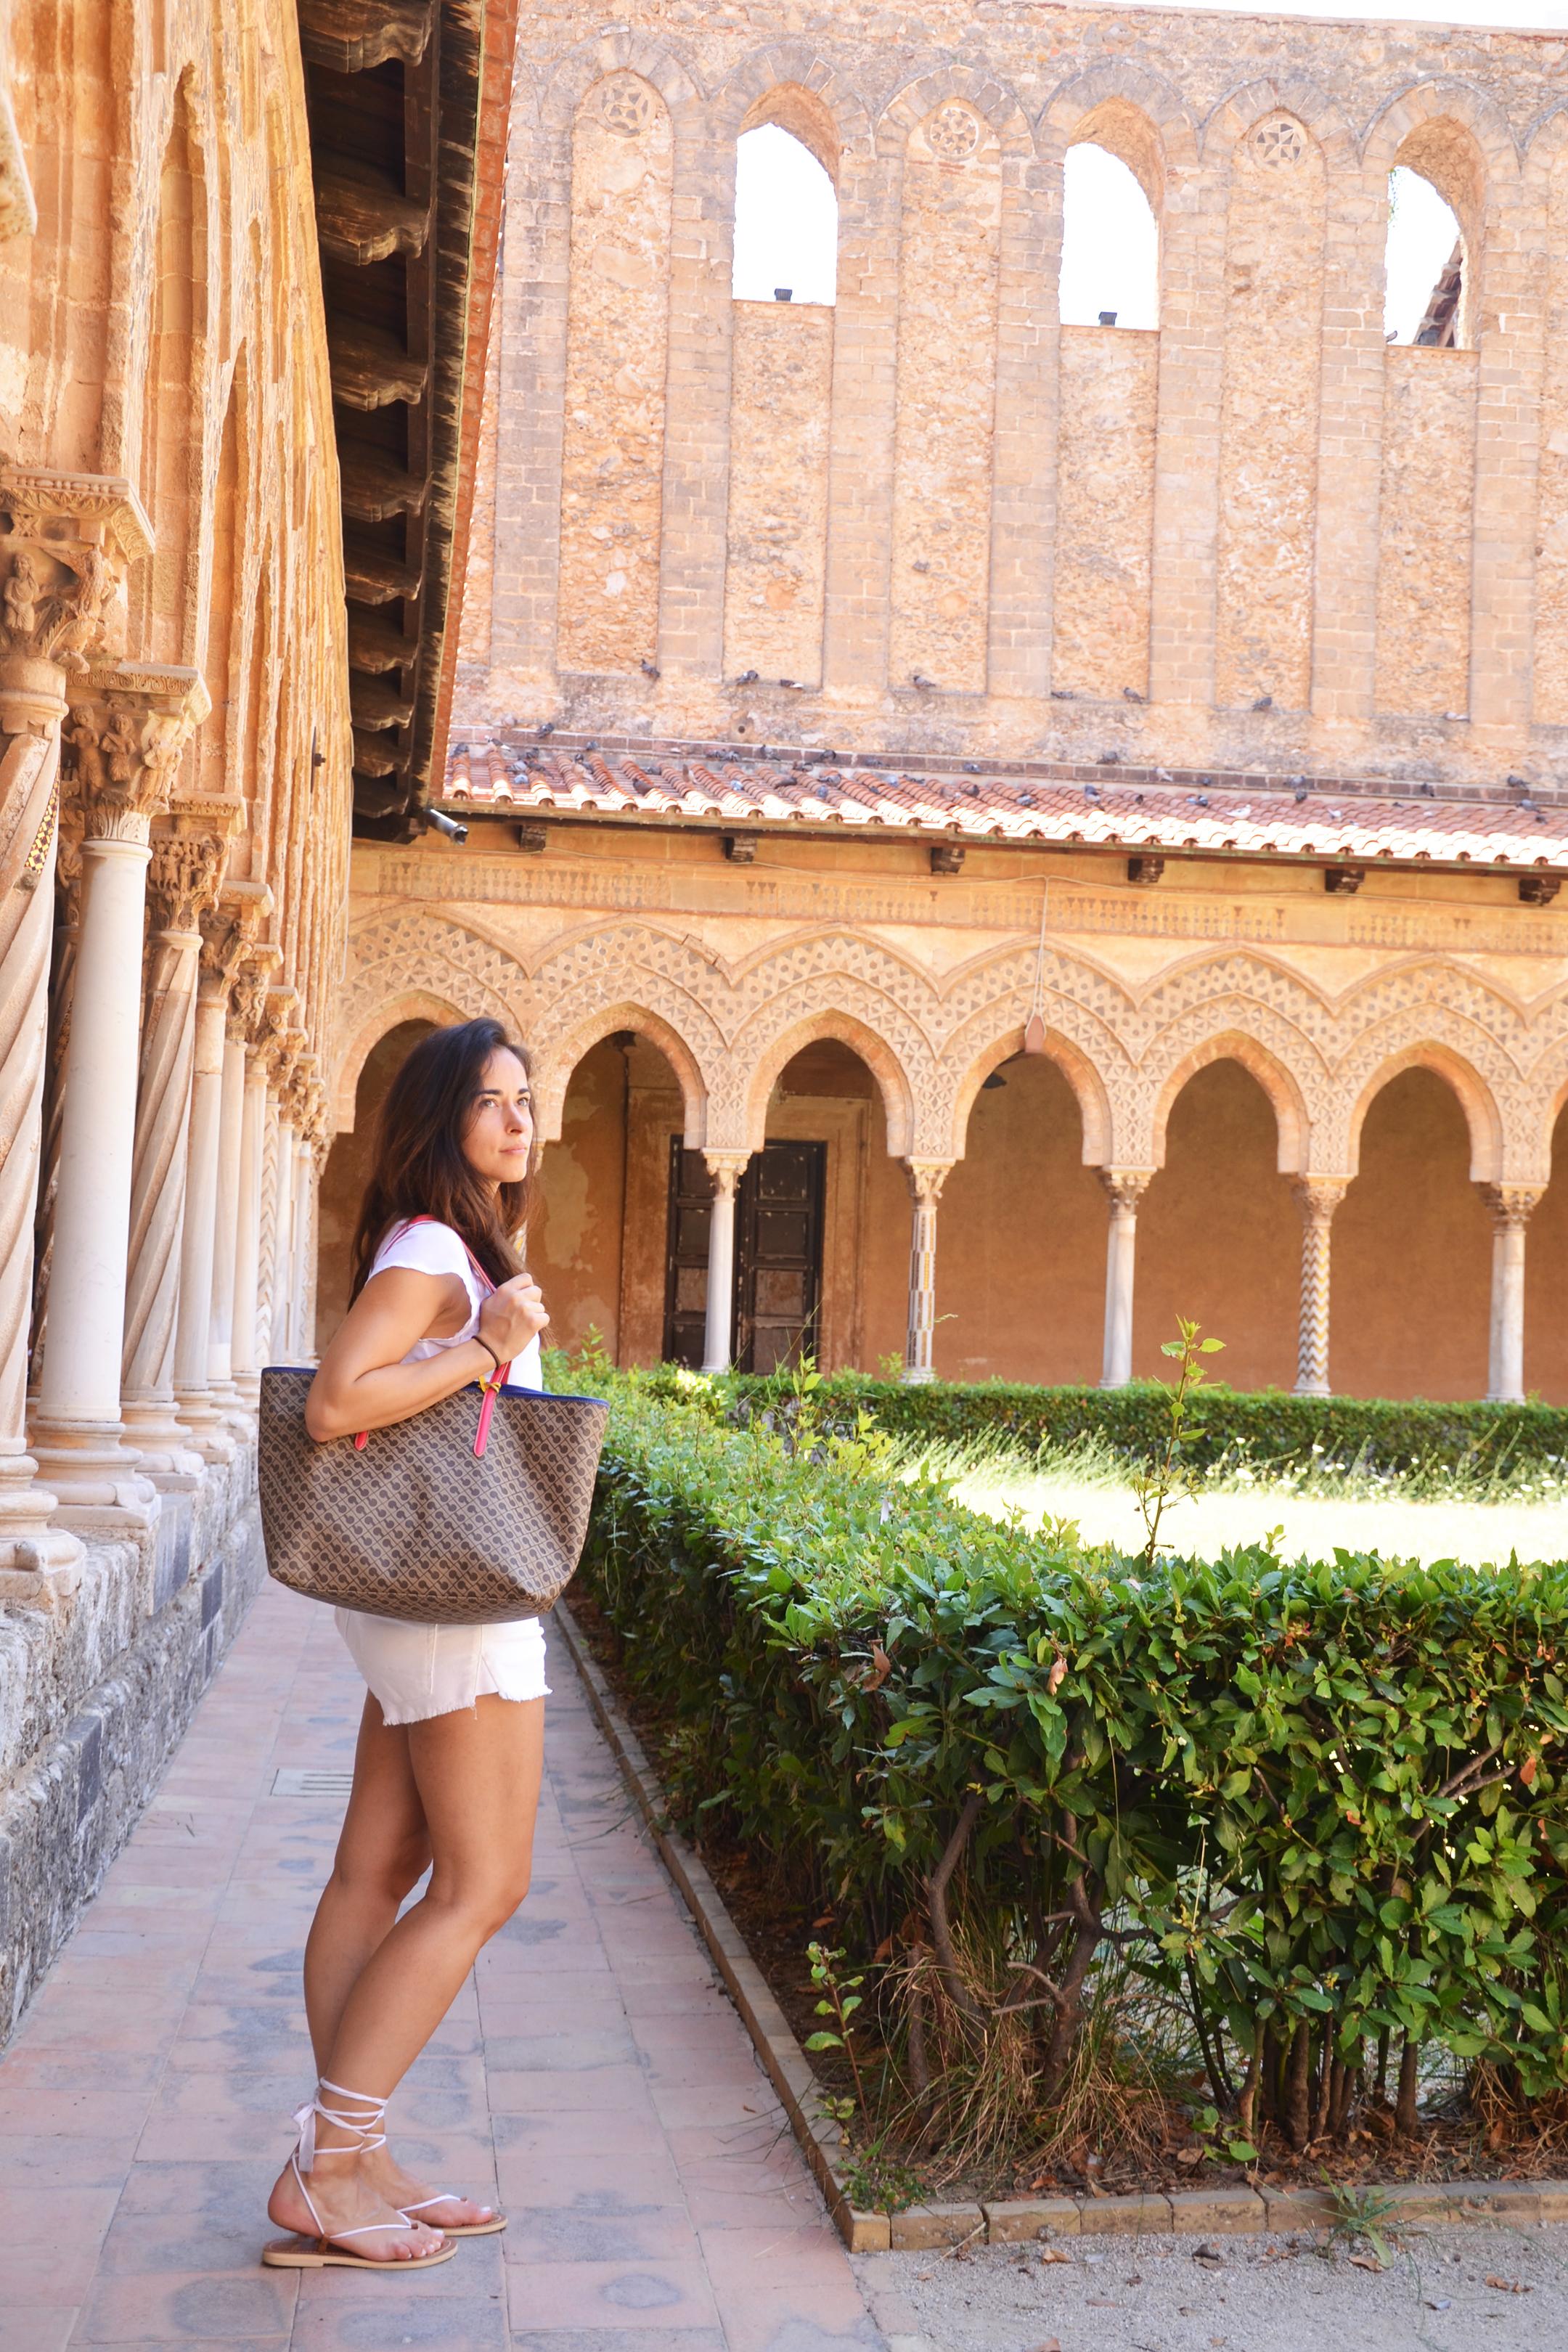 alessia-canella-sicilia-monreale-style-shouts-travel-blog-chiesa